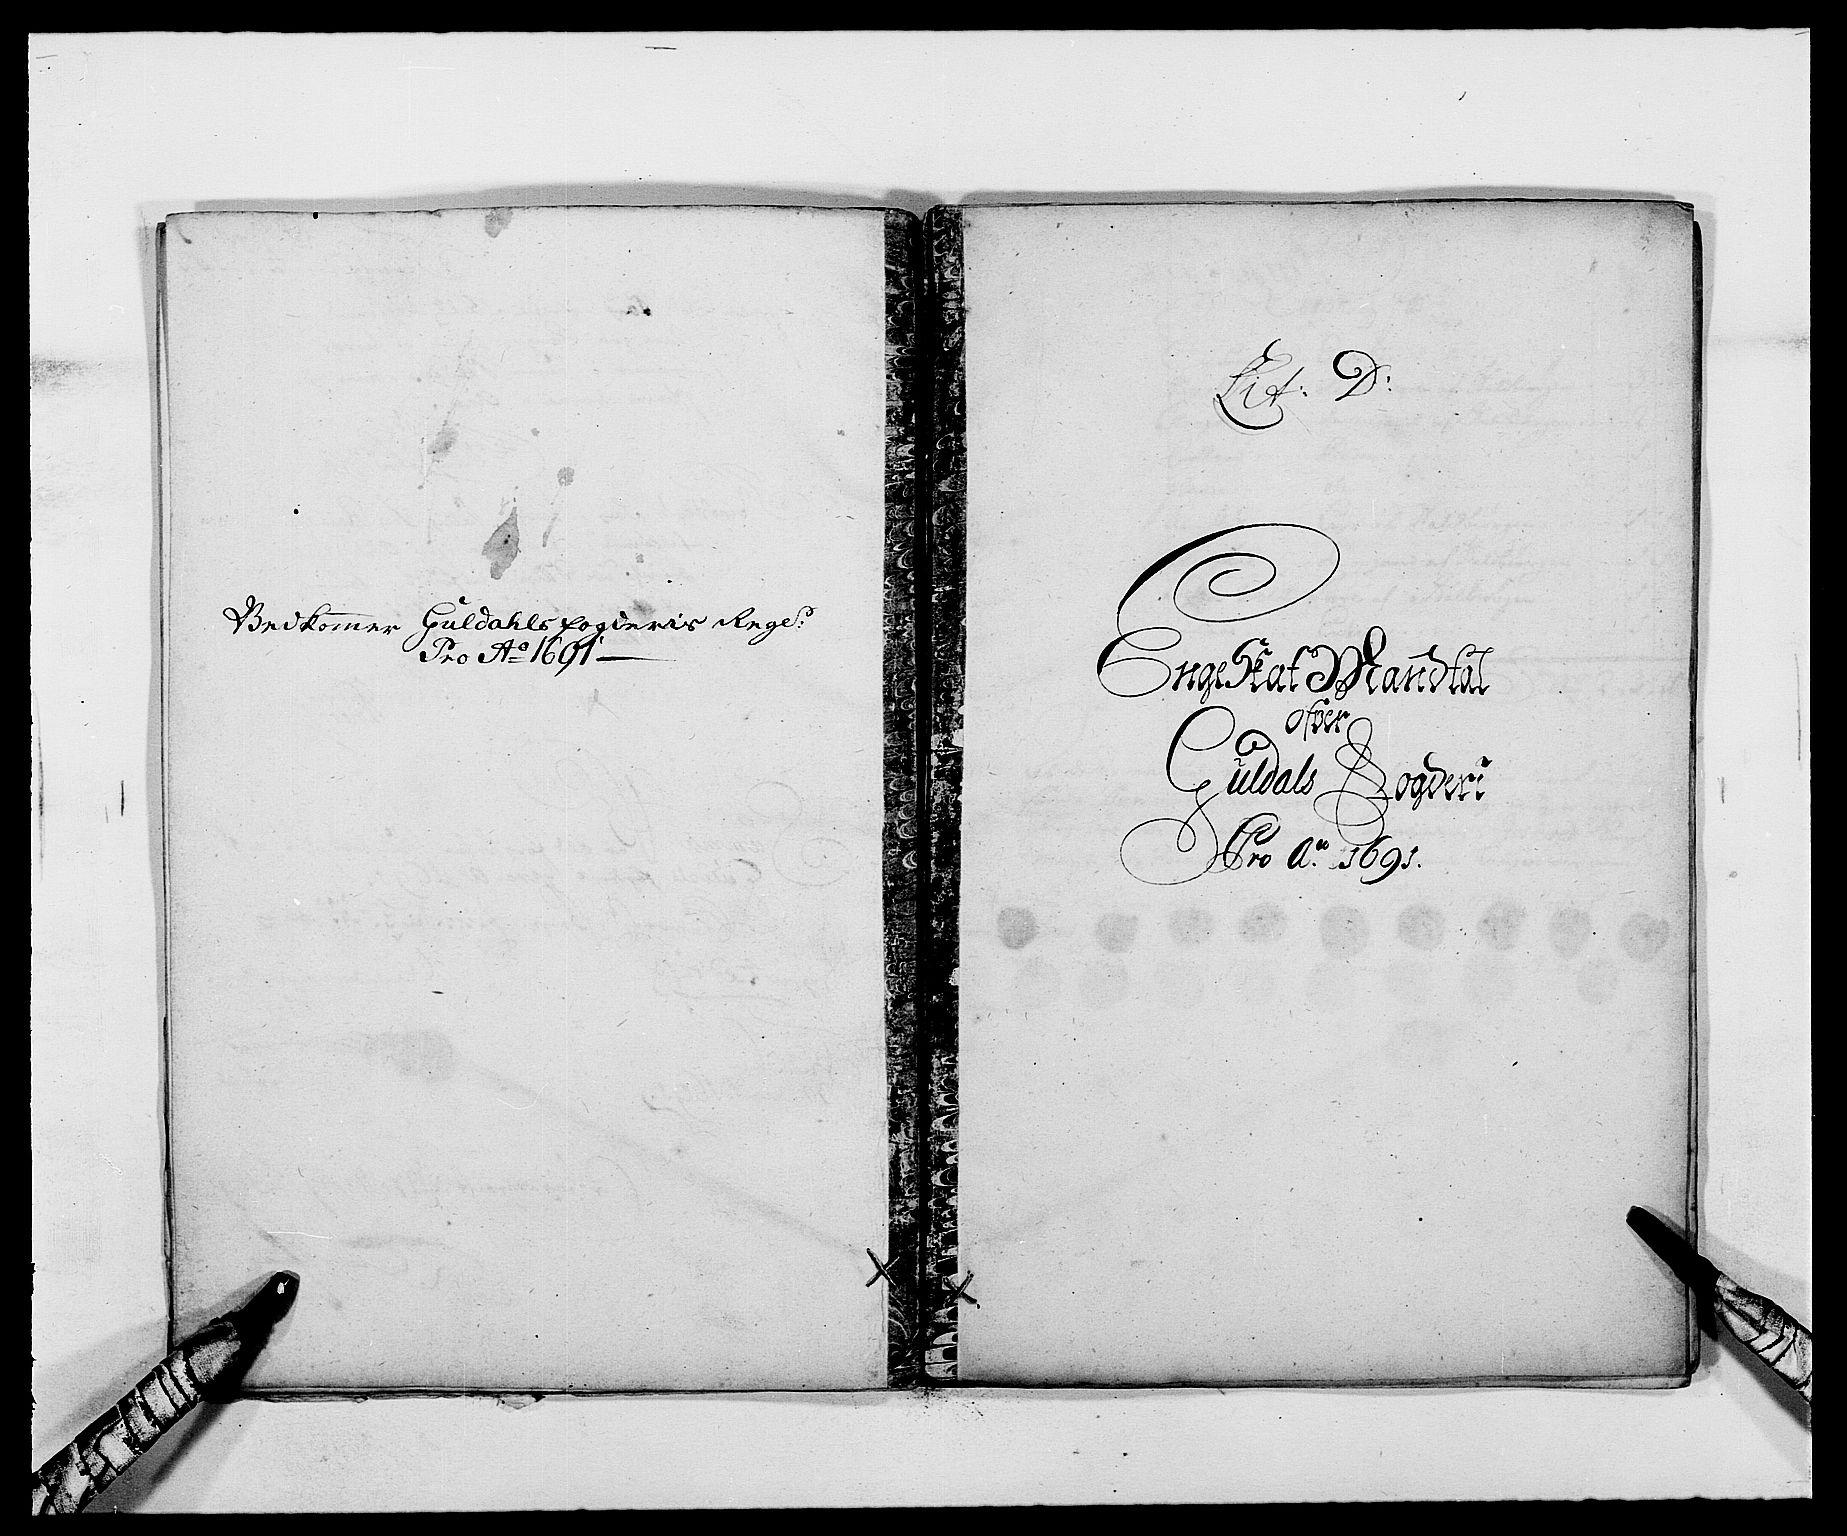 RA, Rentekammeret inntil 1814, Reviderte regnskaper, Fogderegnskap, R59/L3941: Fogderegnskap Gauldal, 1691, s. 69